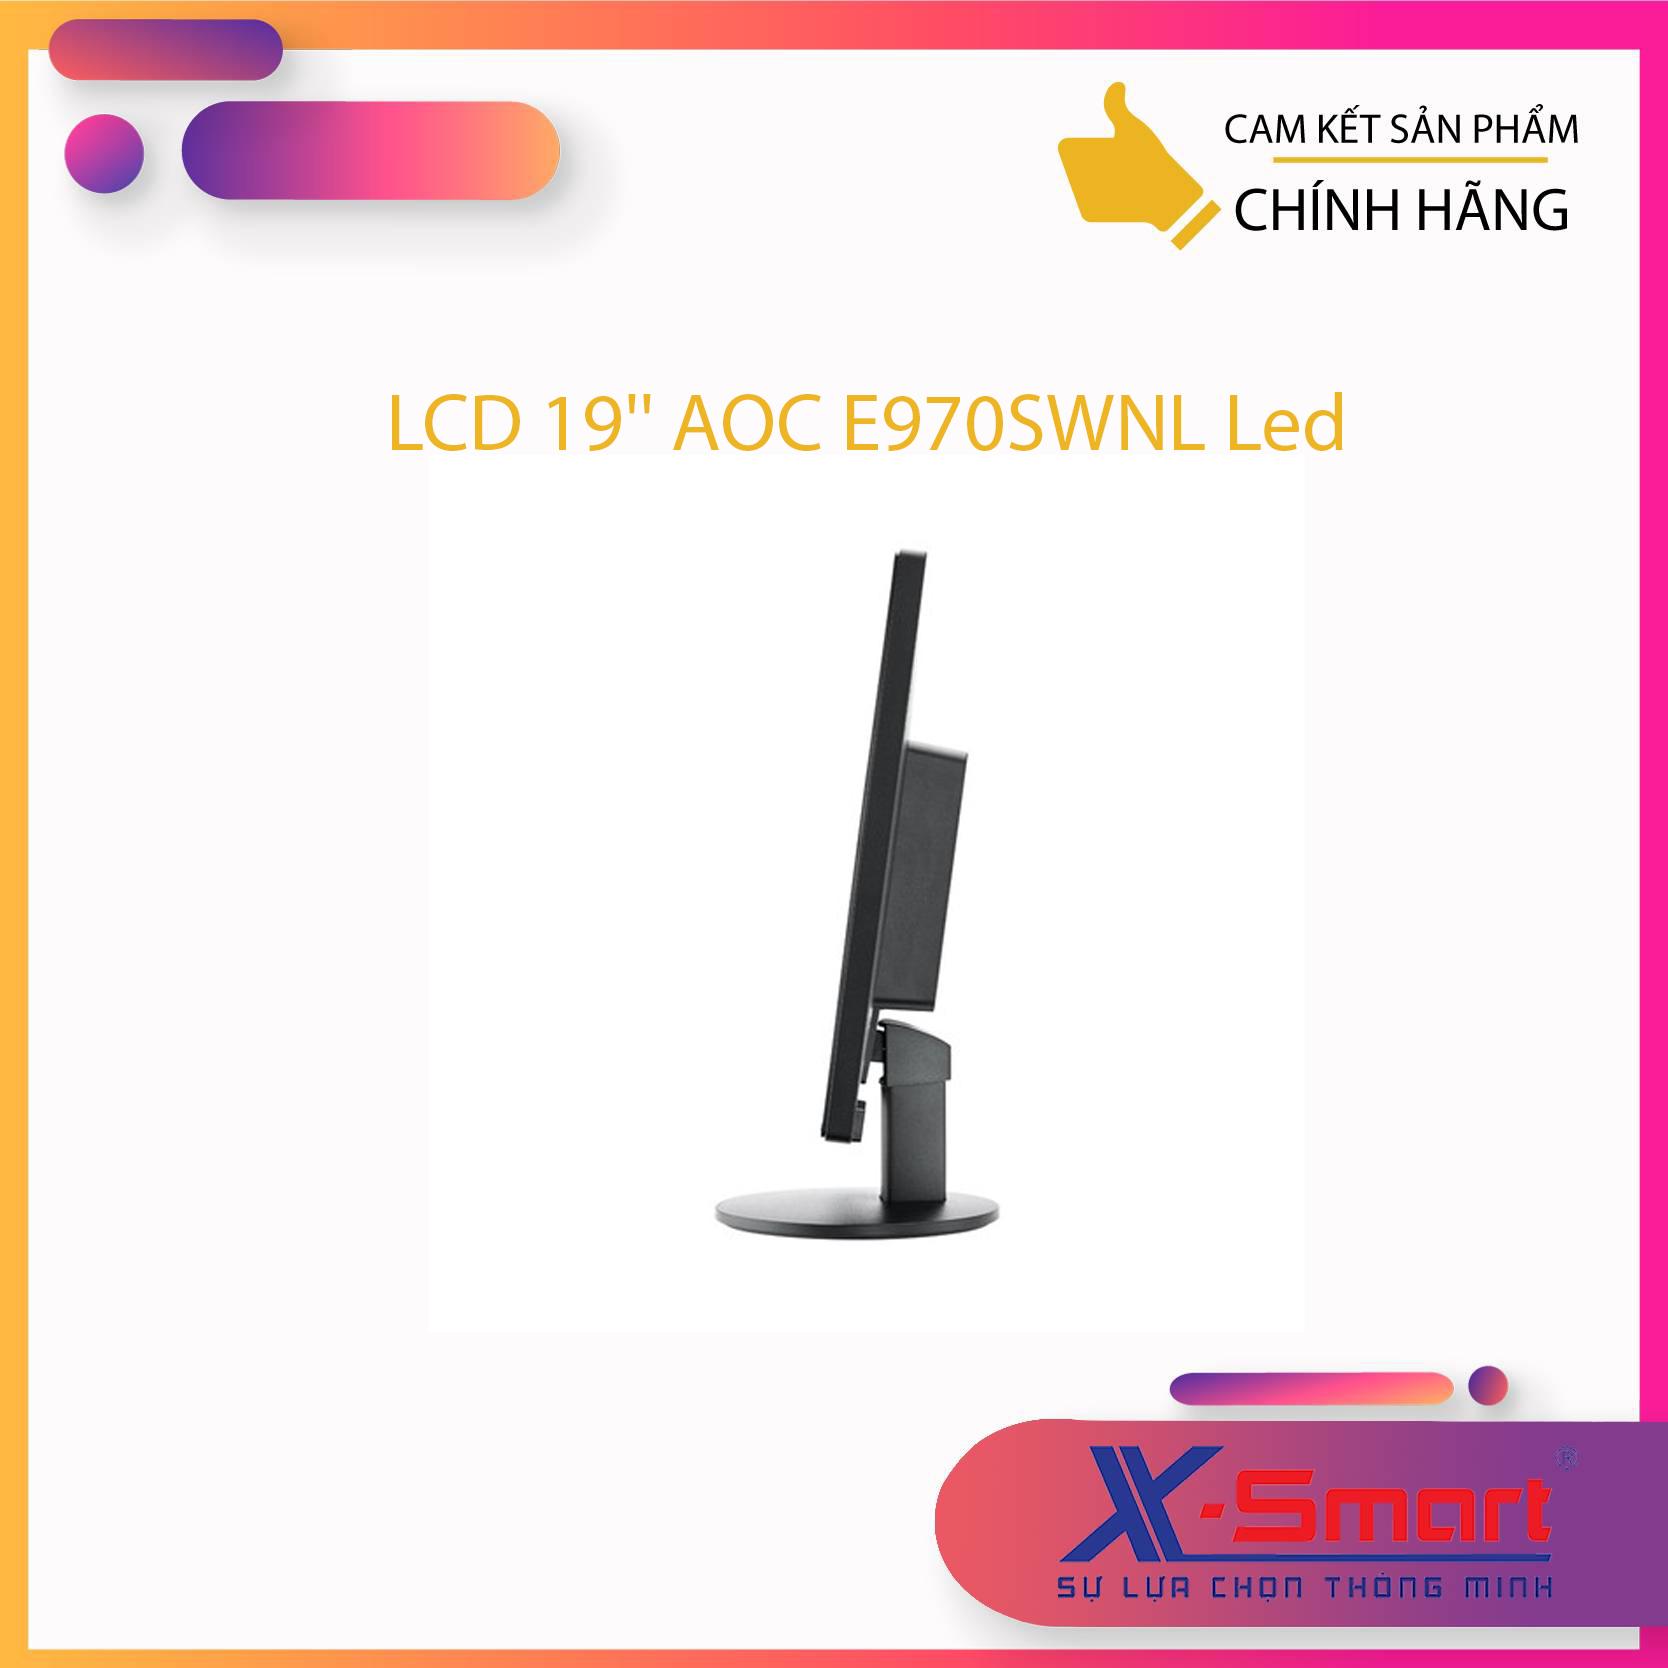 Màn hình AOC E970SWNL 18.5Inch LED- Hàng Chính Hãng